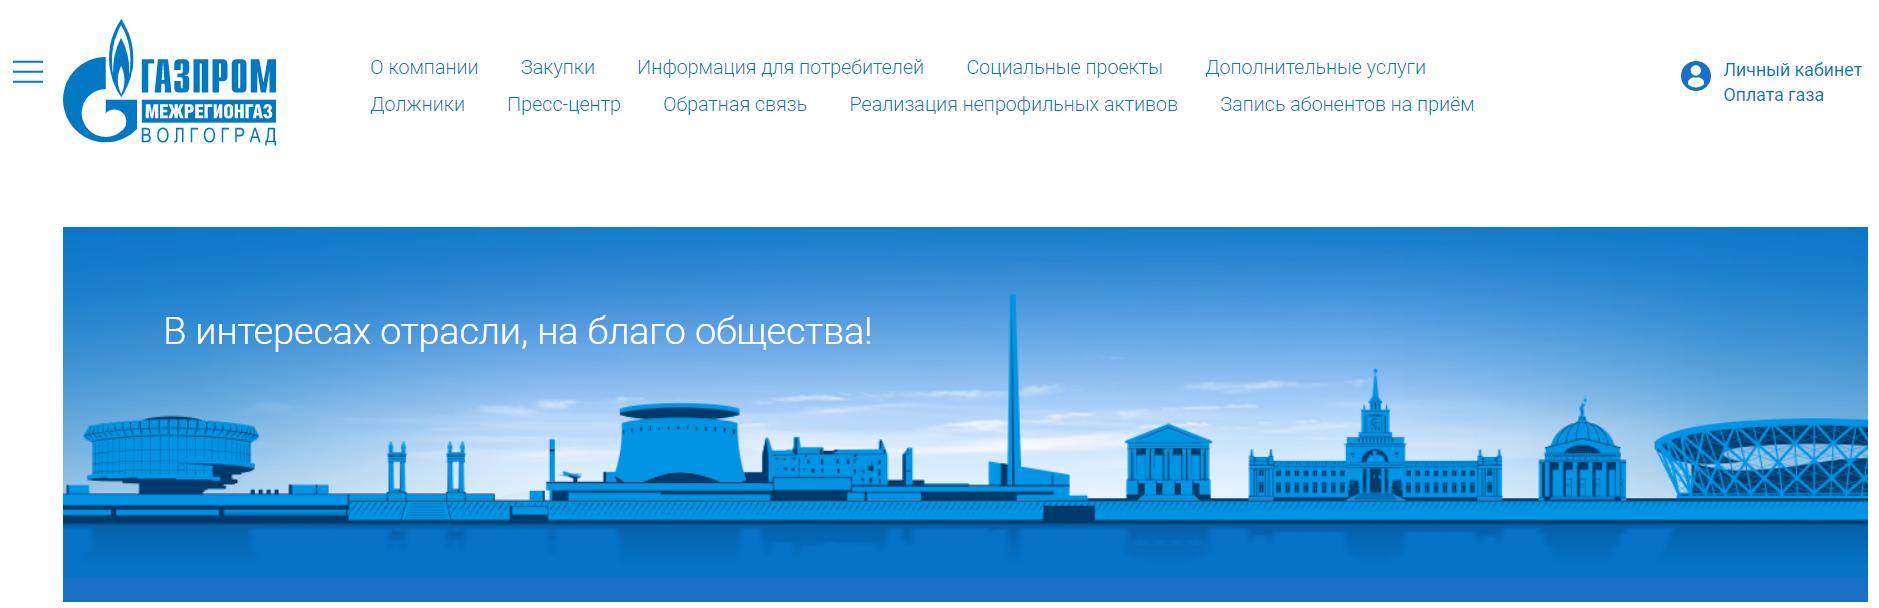 Личный кабинет Межрегионгаз Волгоград